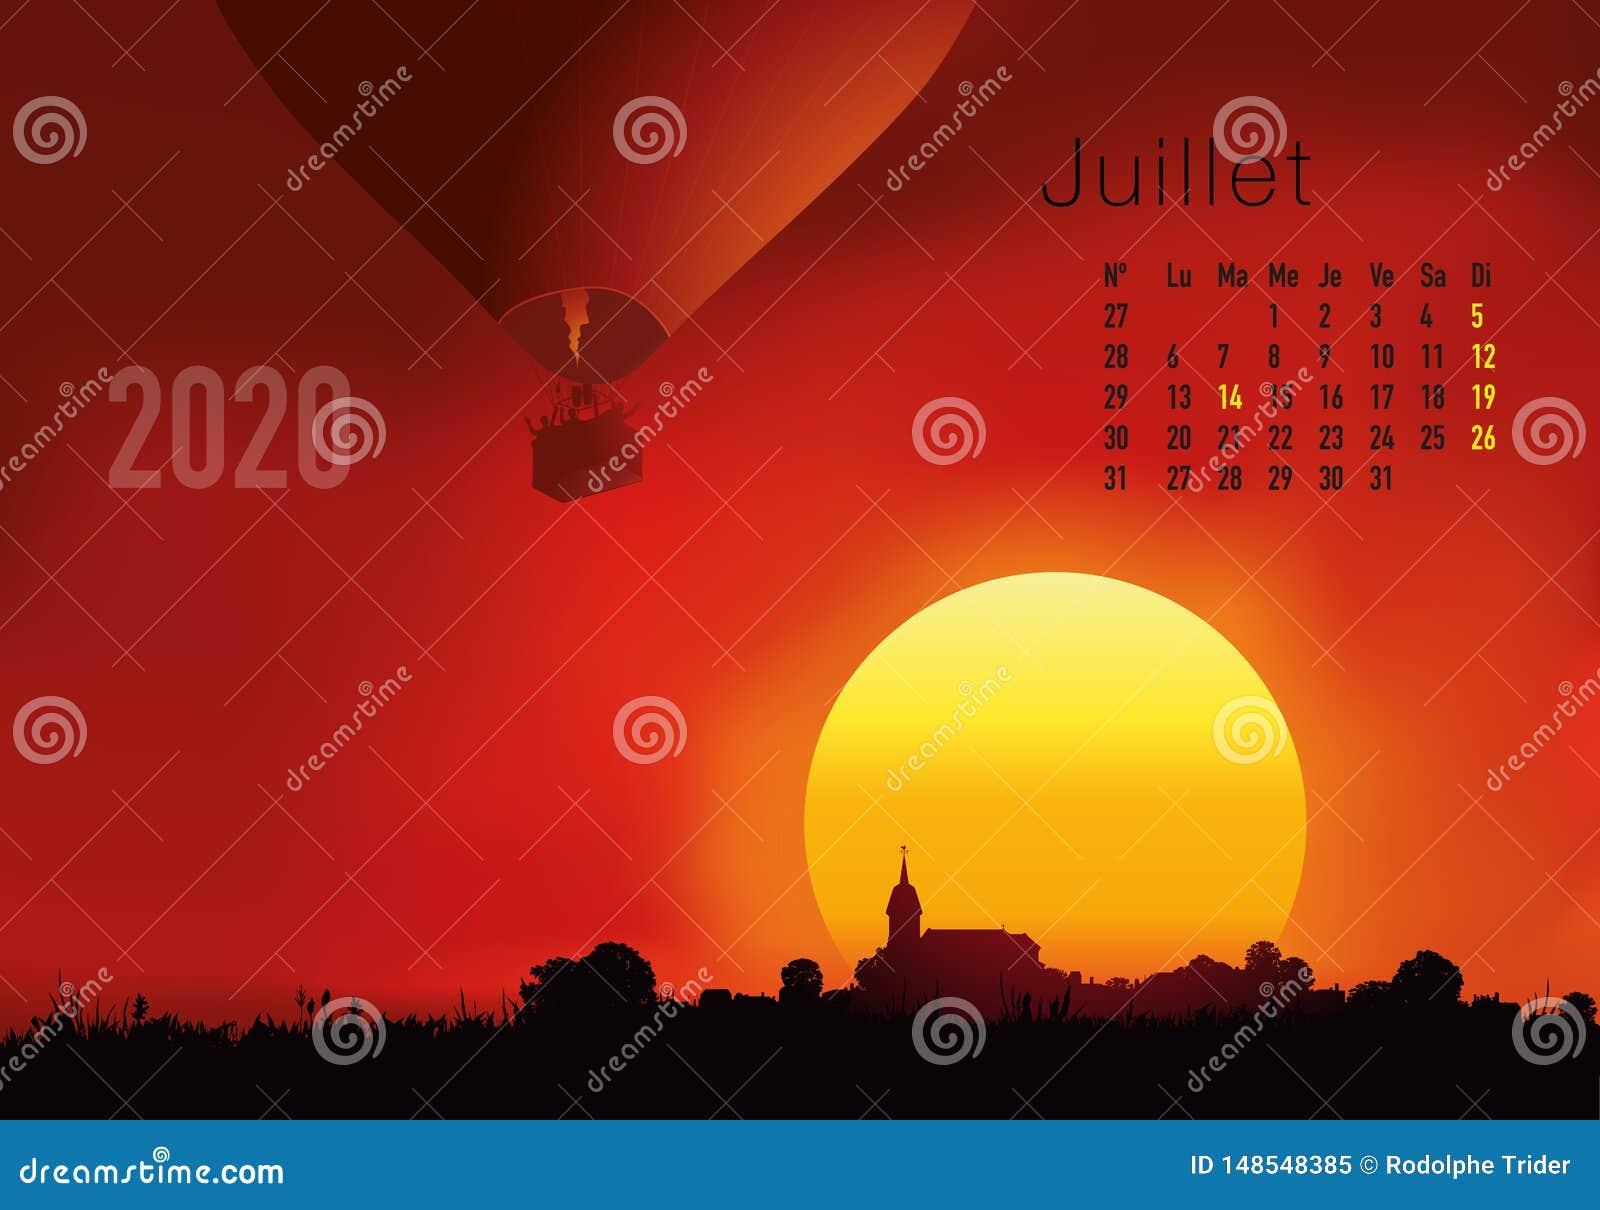 2020准备好的日历打印在法语版本,显示日落在气球overflighted的风景